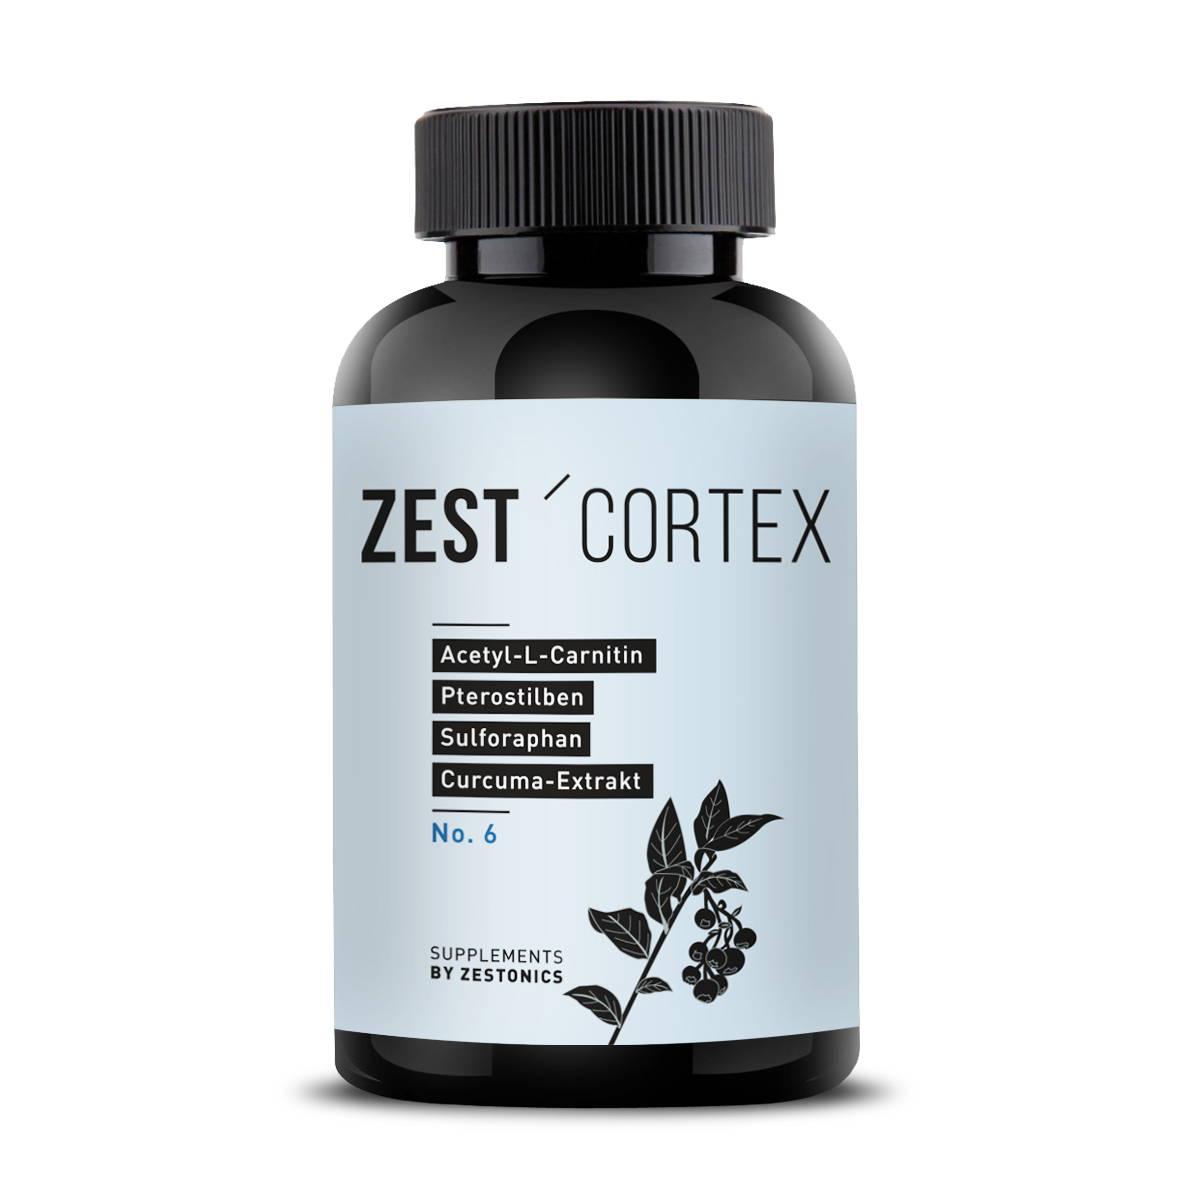 zestonics-zest'cortex